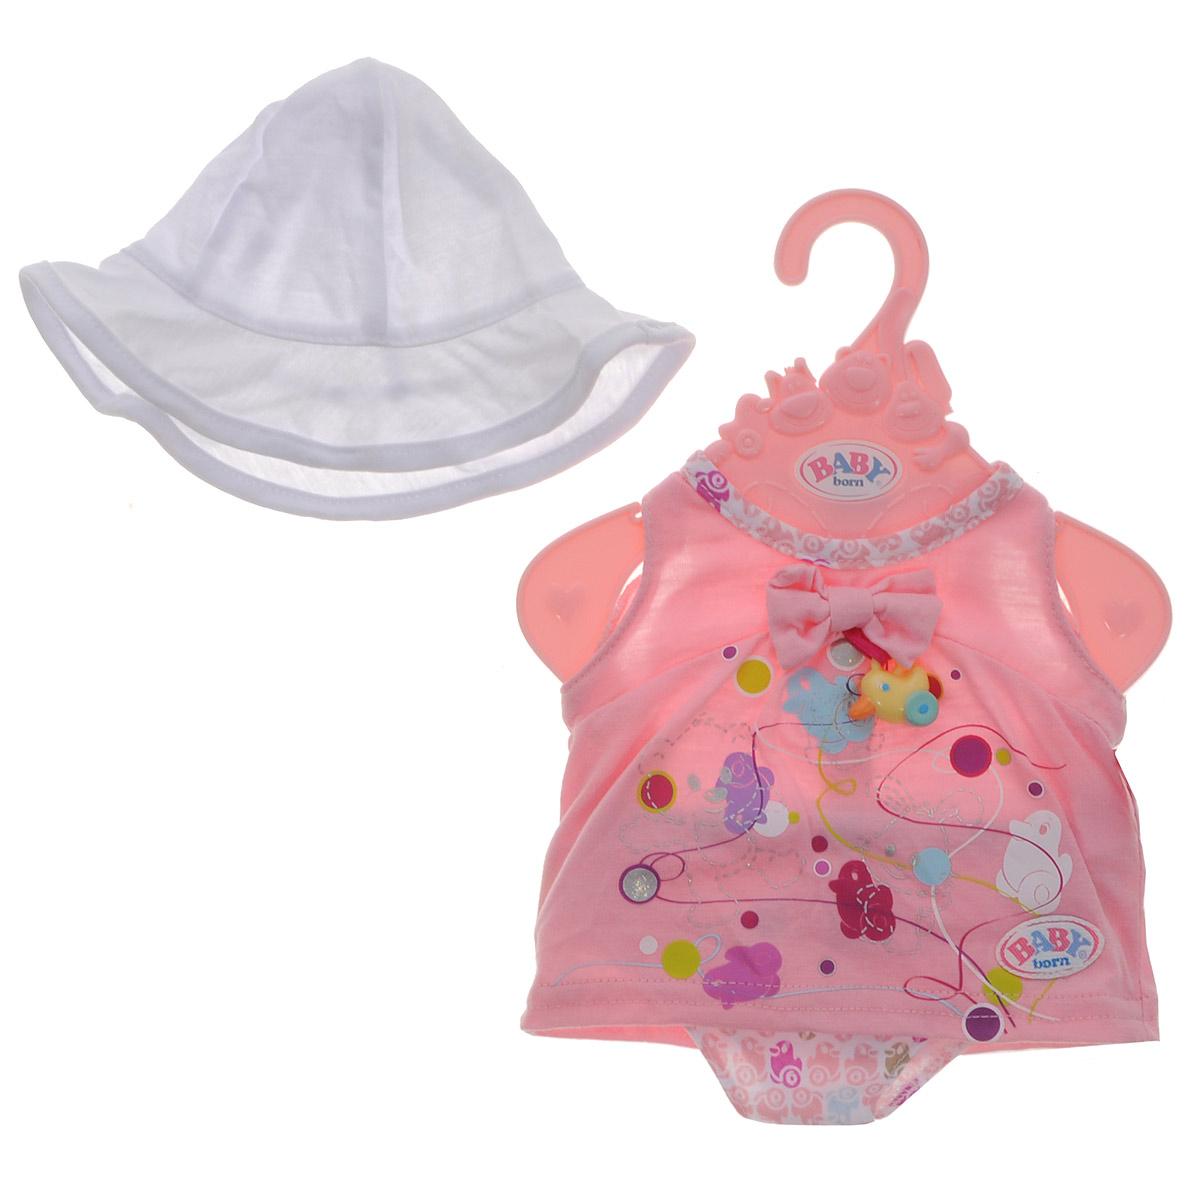 Baby Born Одежда для кукол Летний цвет розовый белый819-388_роз_бел панамаКомплект Baby Born Летний включает розовое платье, трусики с веселым принтом и белую панаму, предназначенные для куклы Baby Born высотой 43 см. Платье застегивается сзади на липучку. Украшено оно яркими рисунками, а также дополнено декоративной пластиковой подвеской в виде утенка. Комплект поставляется вместе с оригинальной вешалкой, поэтому у маленькой мамы не будет забот, как хранить эту одежду.